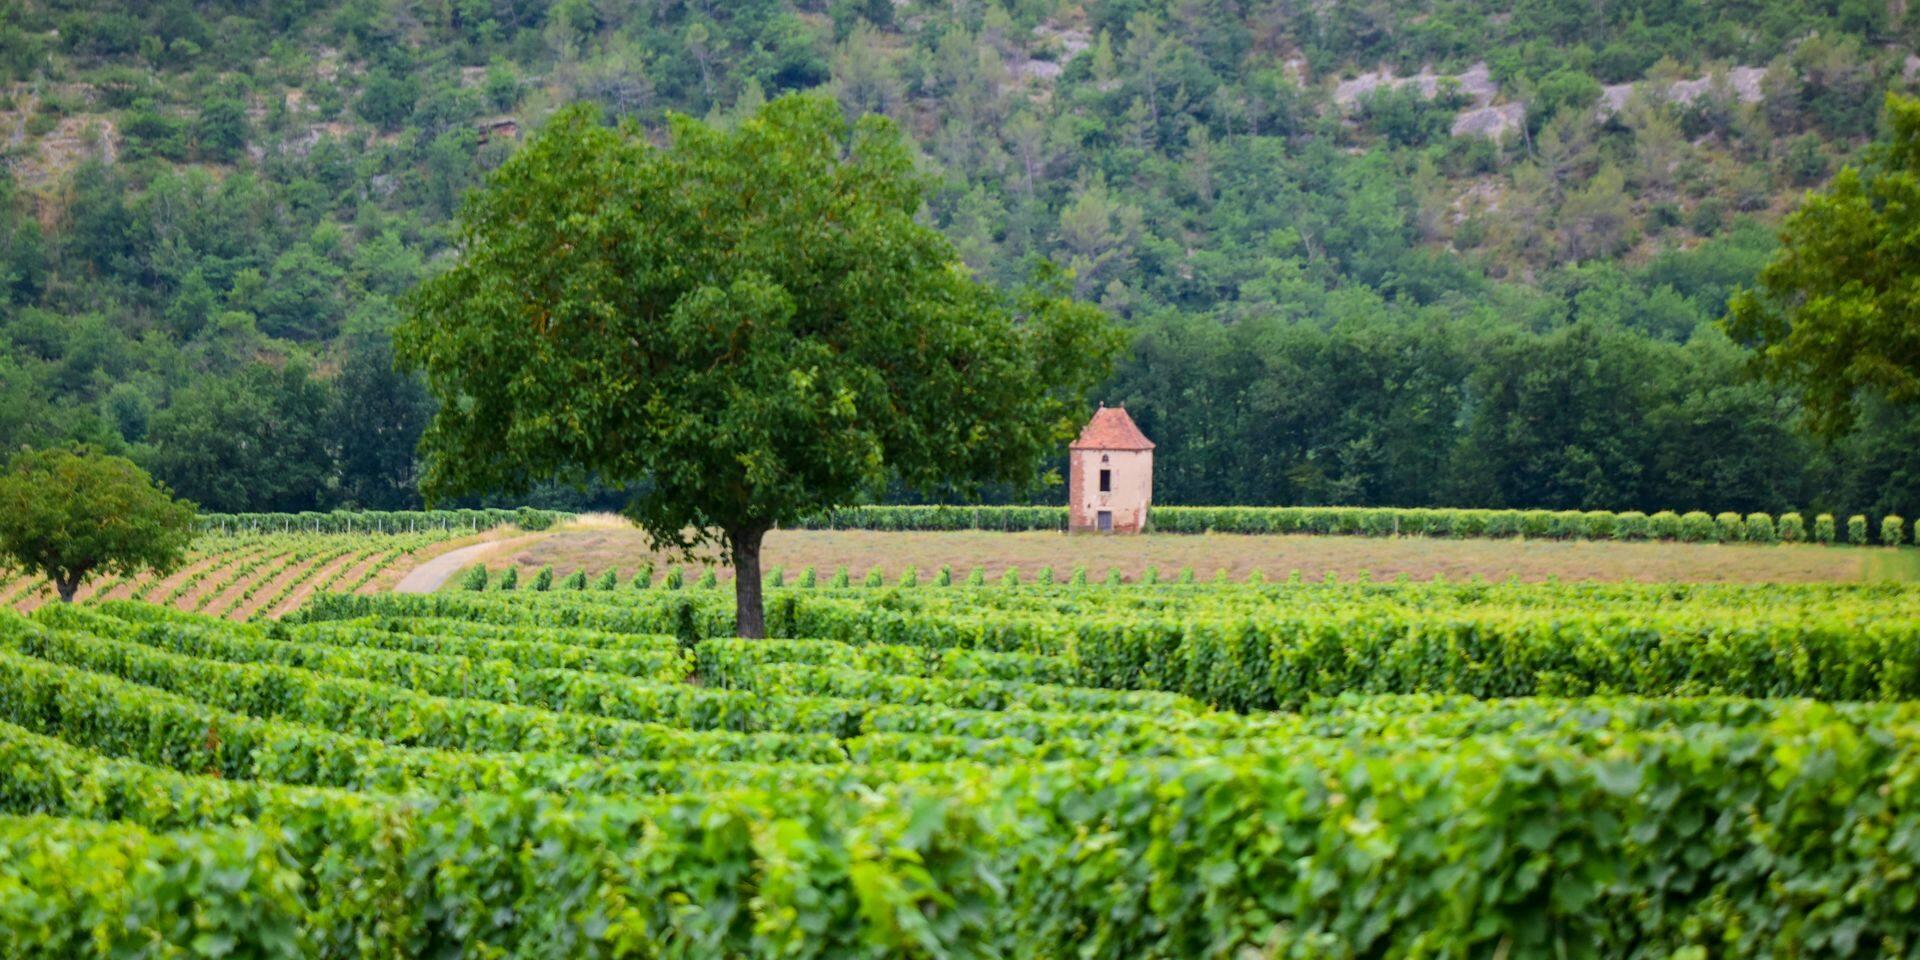 Foire aux vins: A la recherche d'authenticité? Le Sud-Ouest vous ouvre les bras à la Gare Maritime de Tour et Taxis